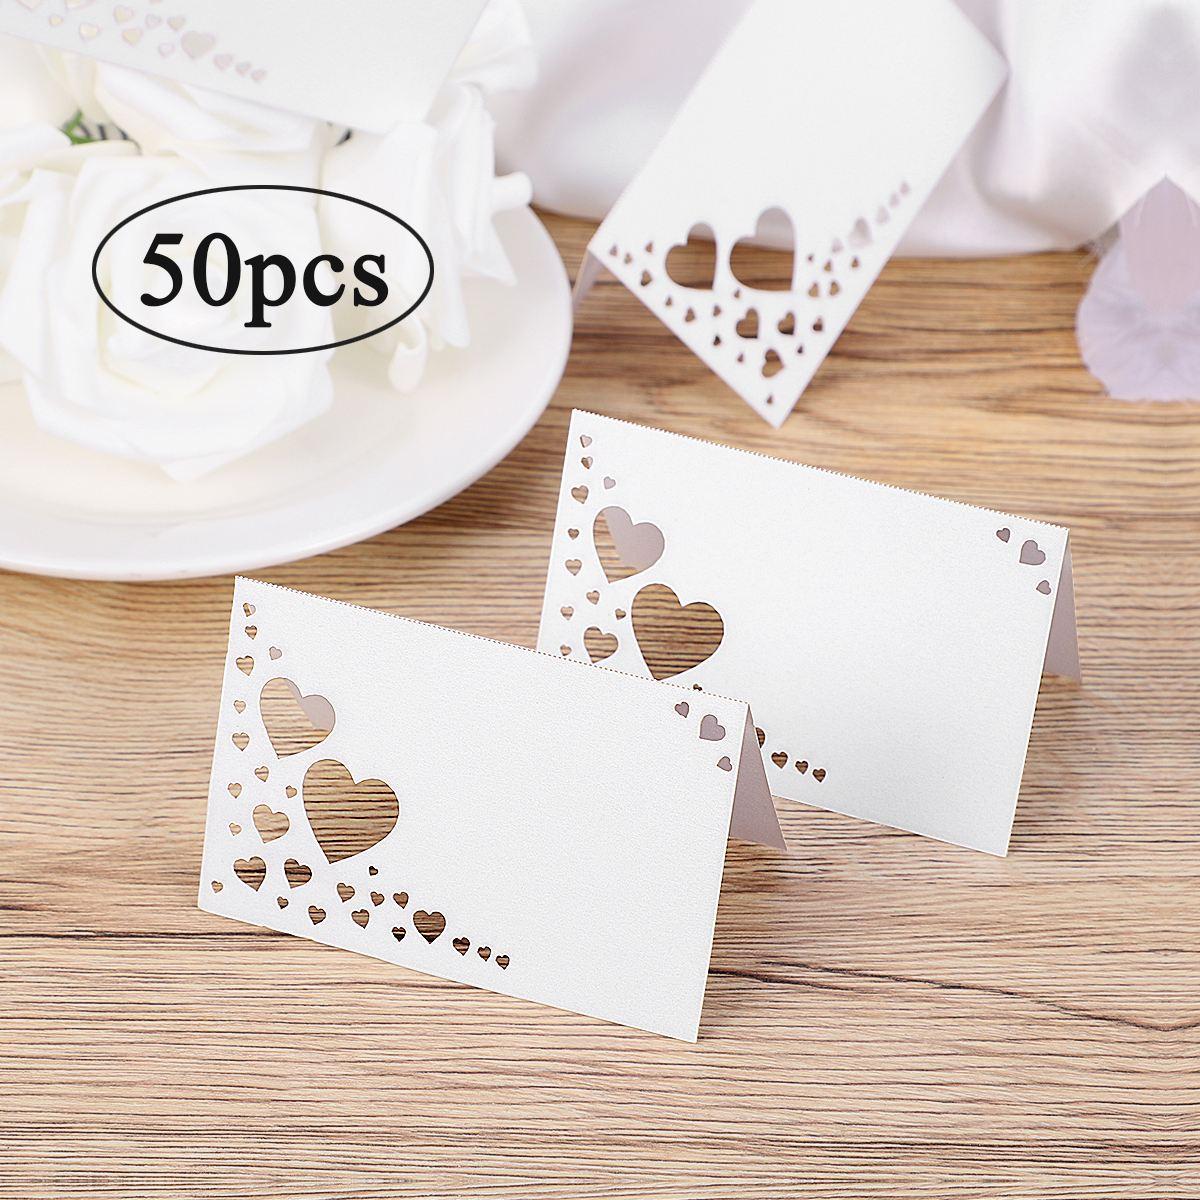 50 шт. бумажный белый элегантный стол с карточками в форме сердца, напечатанный стол, напечатанный стол, место для карт, свадебные торжественные вечерние сувениры для гостей